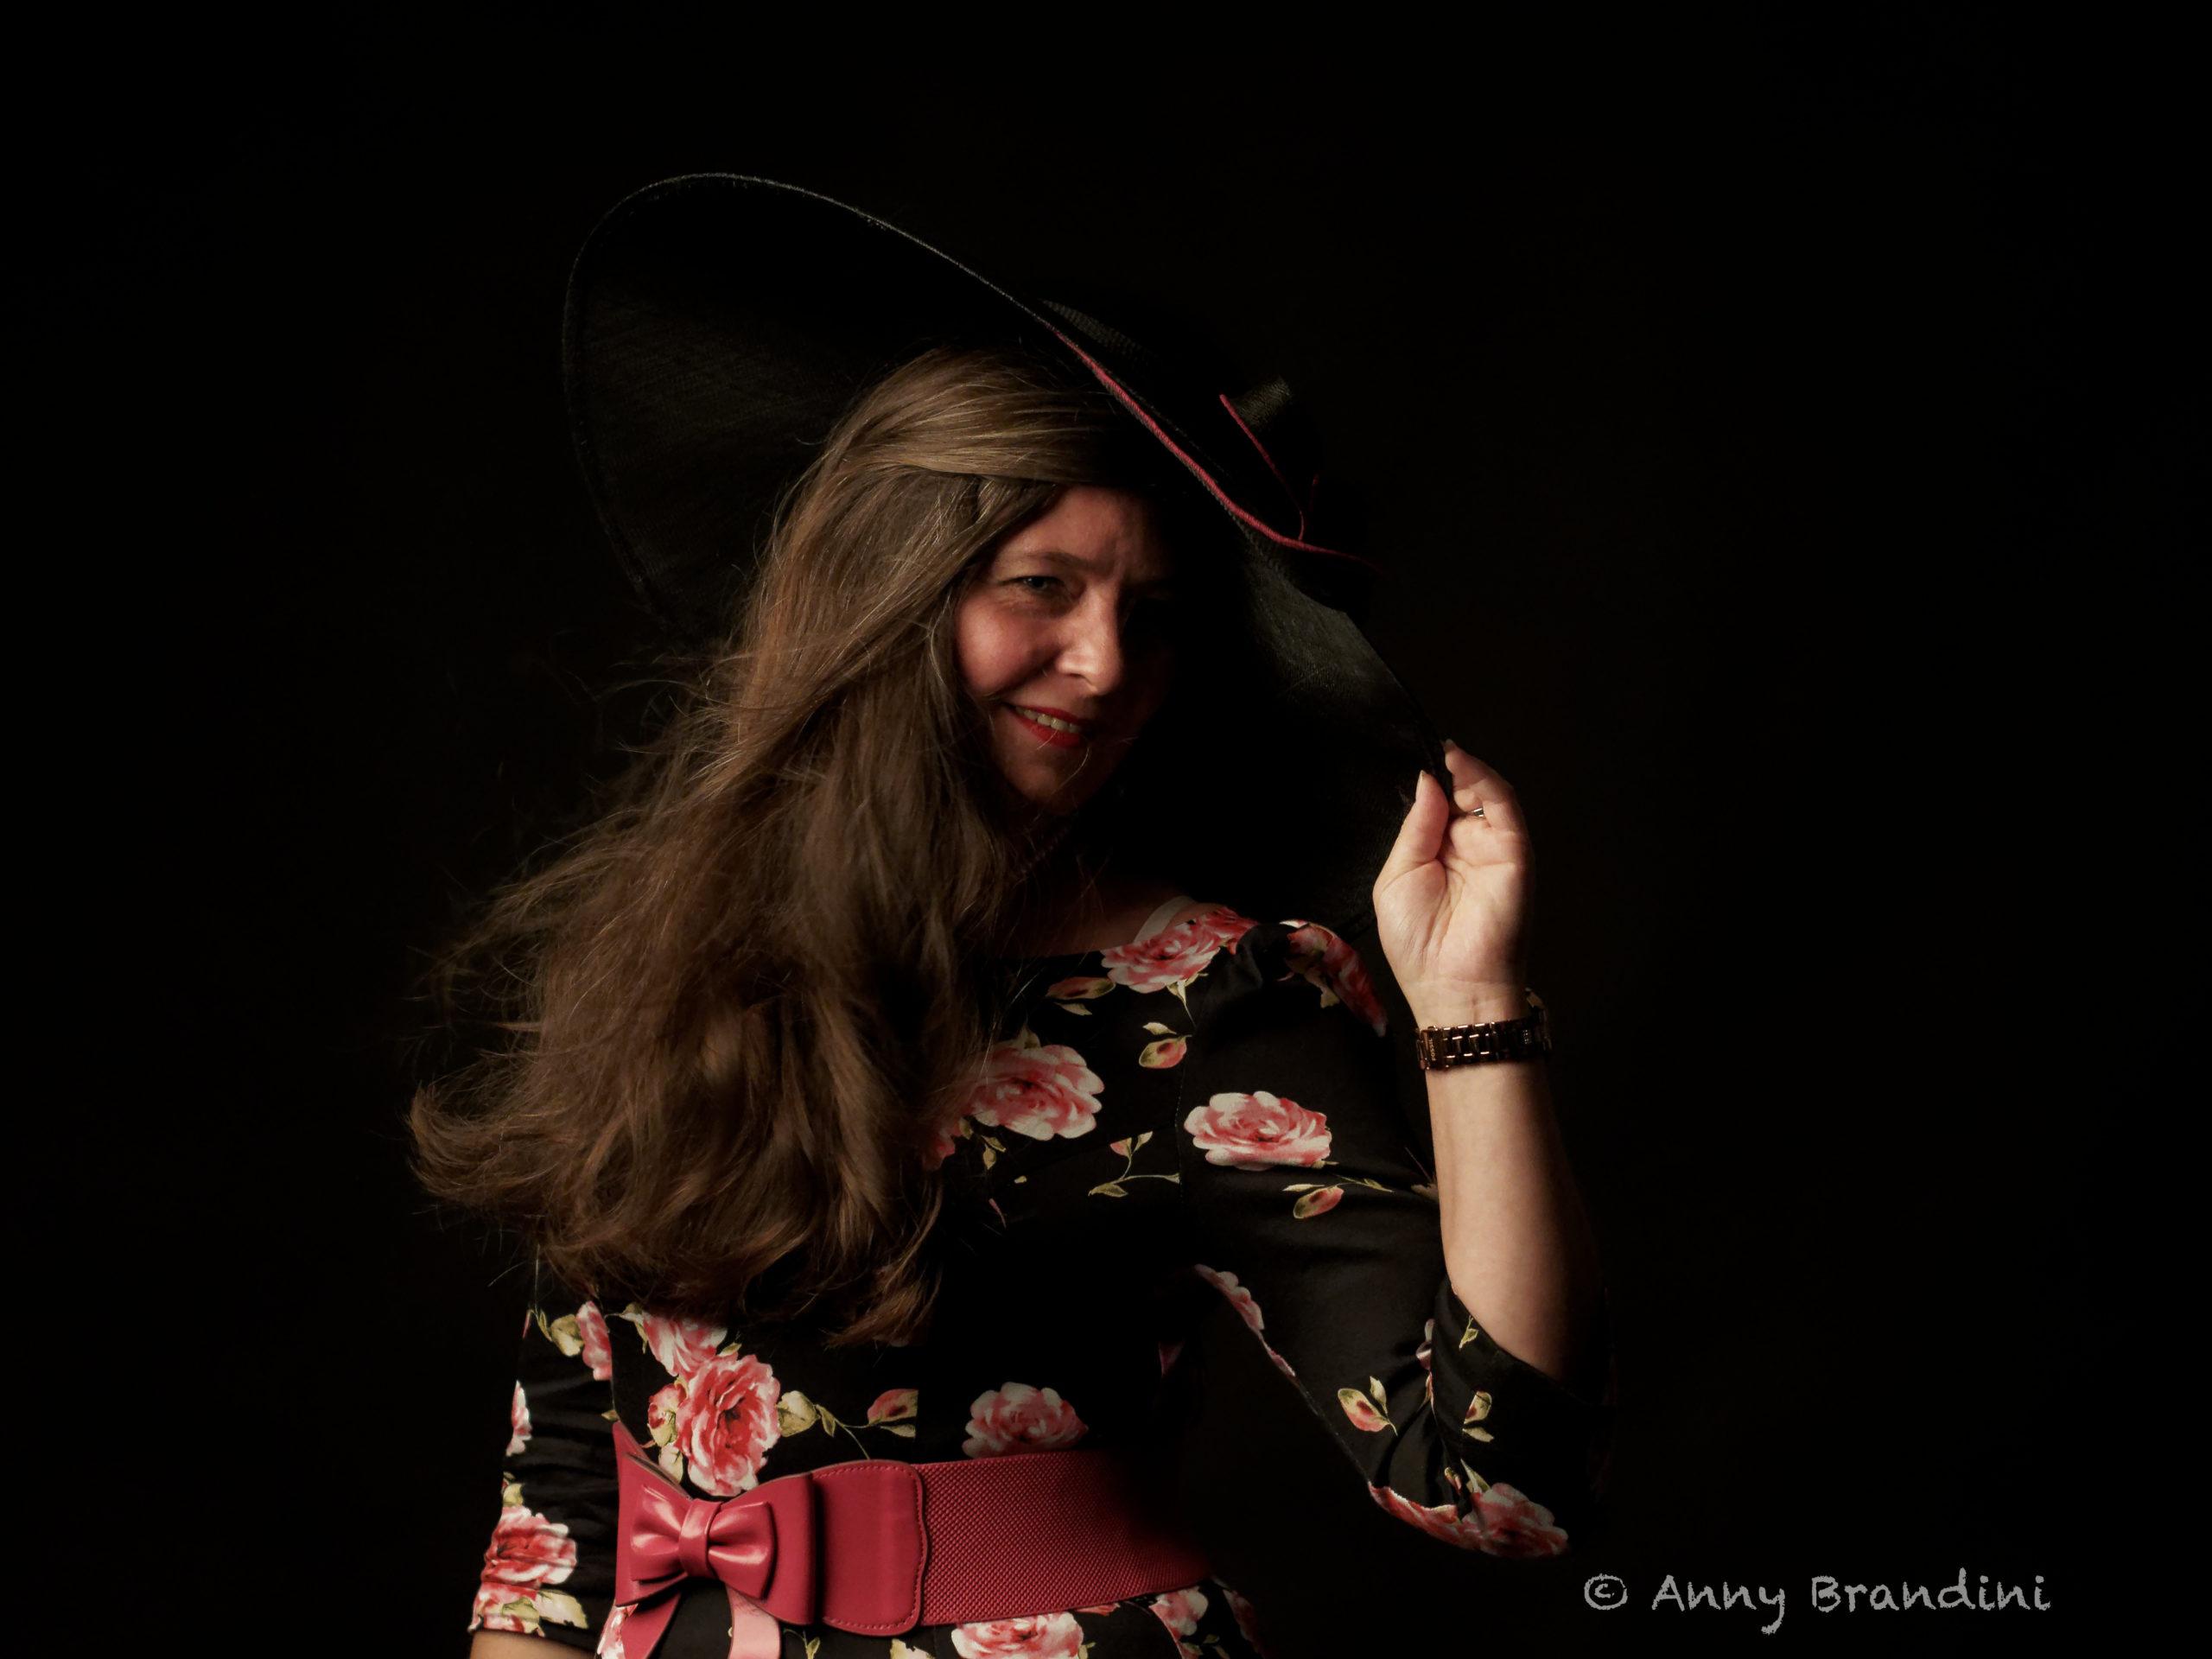 Jeu de lumière avec la robe de la marque Hearts  & Roses de chez Sweet Candy Shop. Photo de Anny Brandini. Model Cendrine Miesch dite LaPtiteAlsacienne